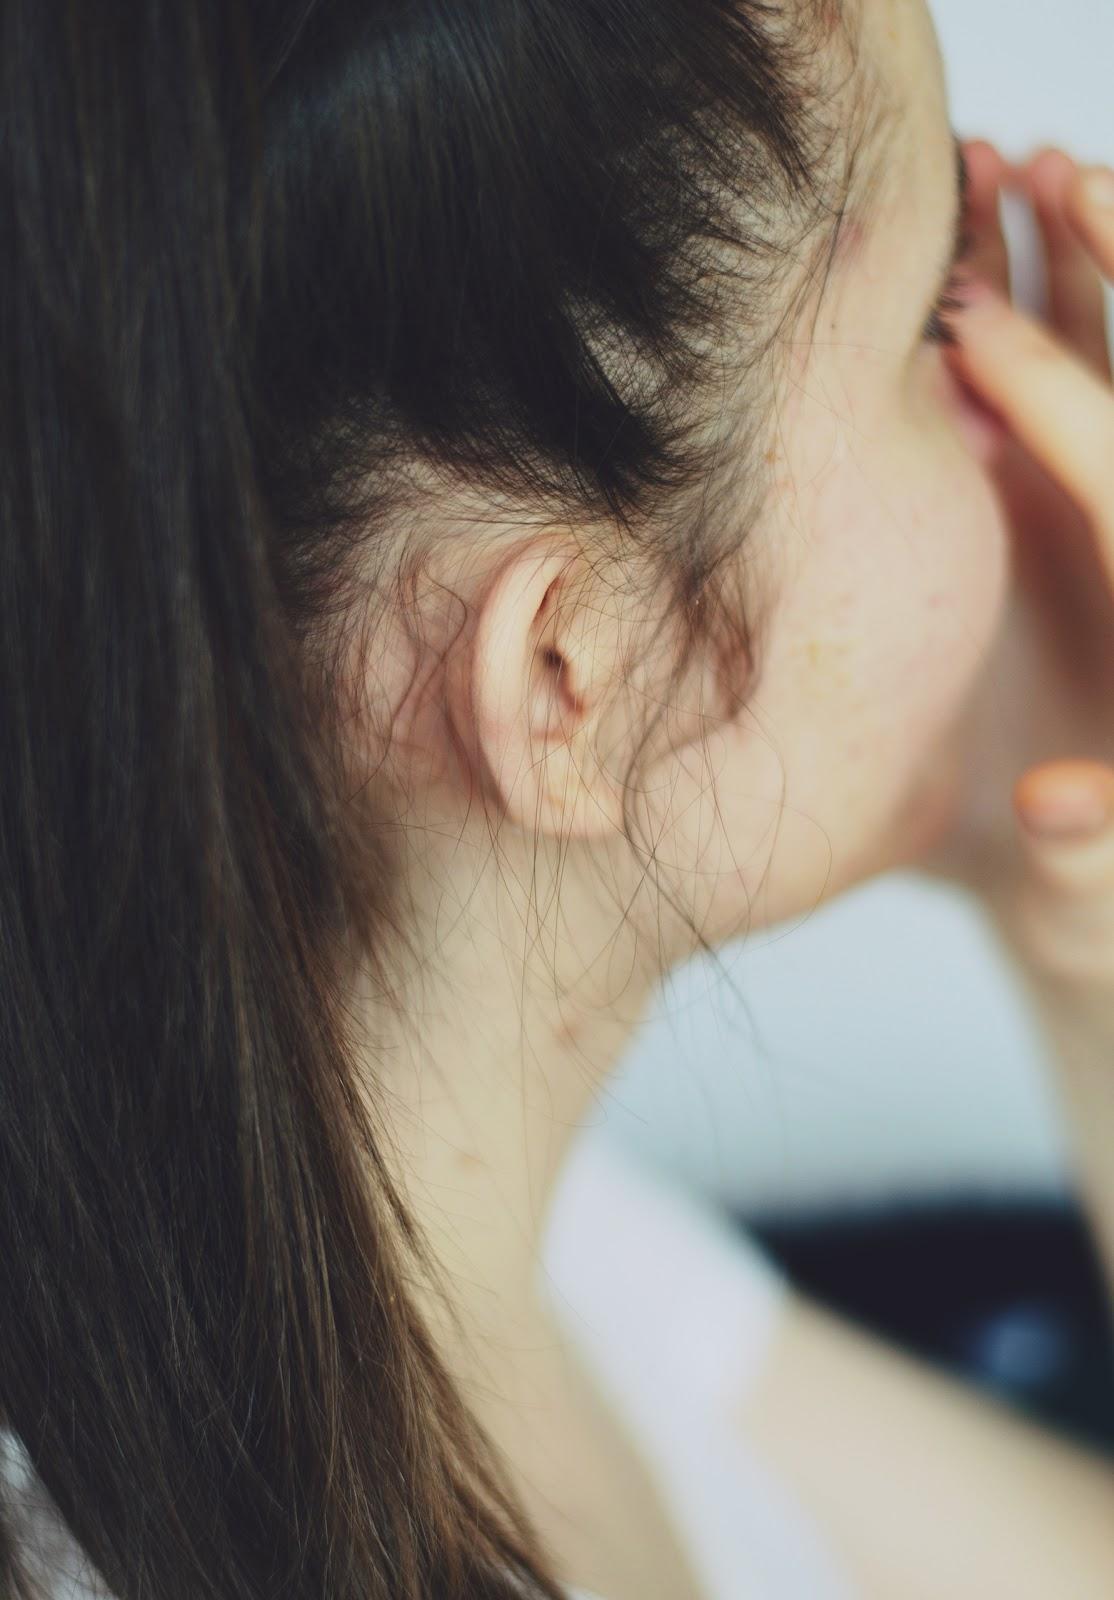 #1 Podstawy pielęgnacji | Peelingi manualne kremowe, oleiste, zabezpieczające skórę przed odwodnieniem